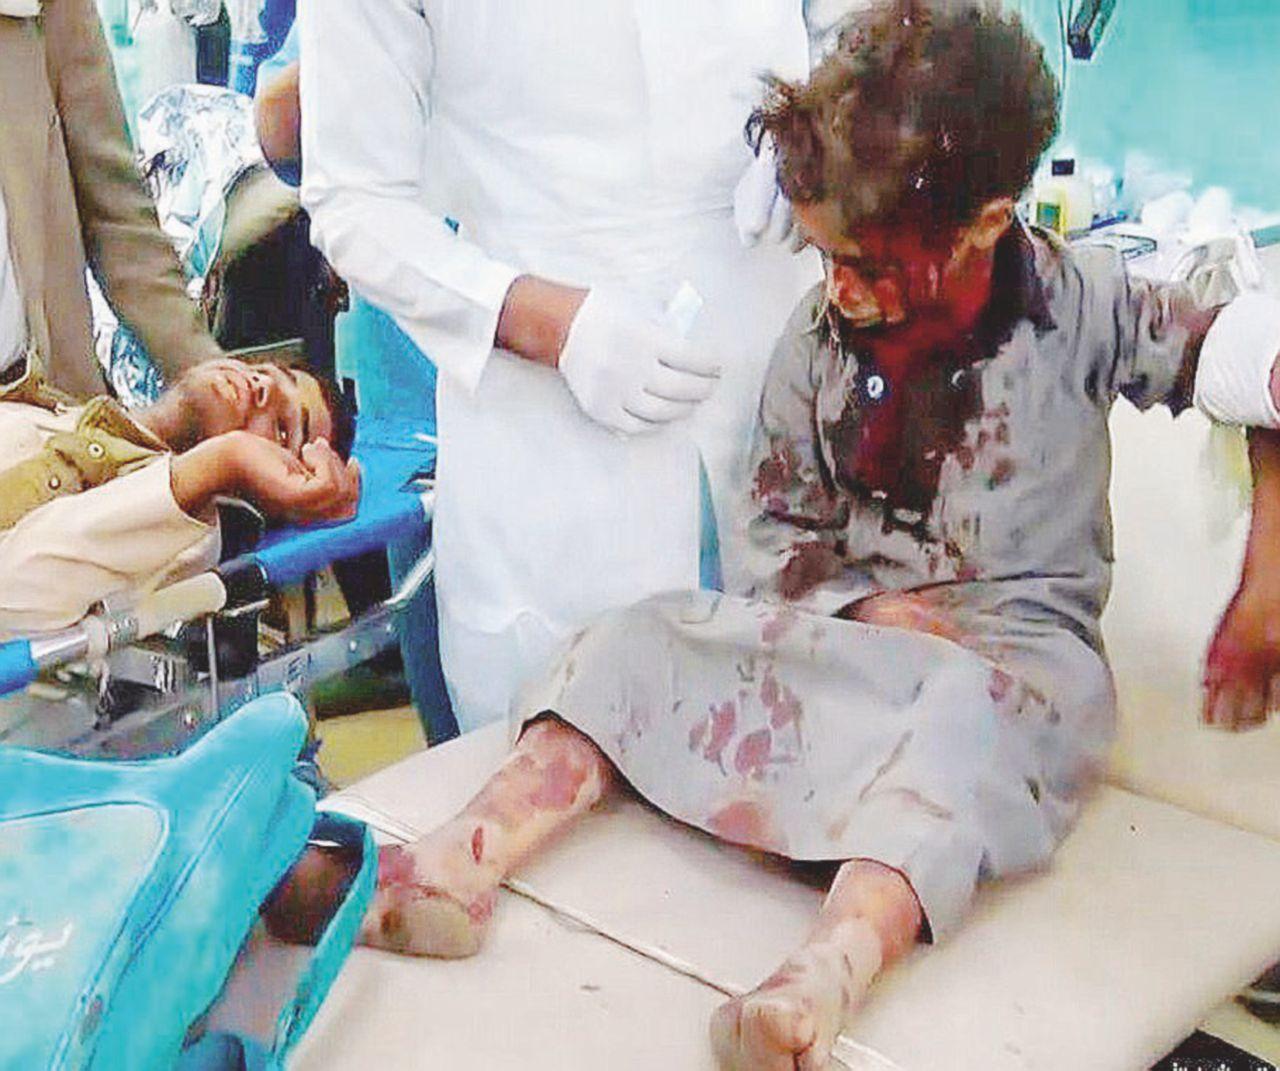 Missile centra uno scuolabus. È strage di bambini a Dahyan